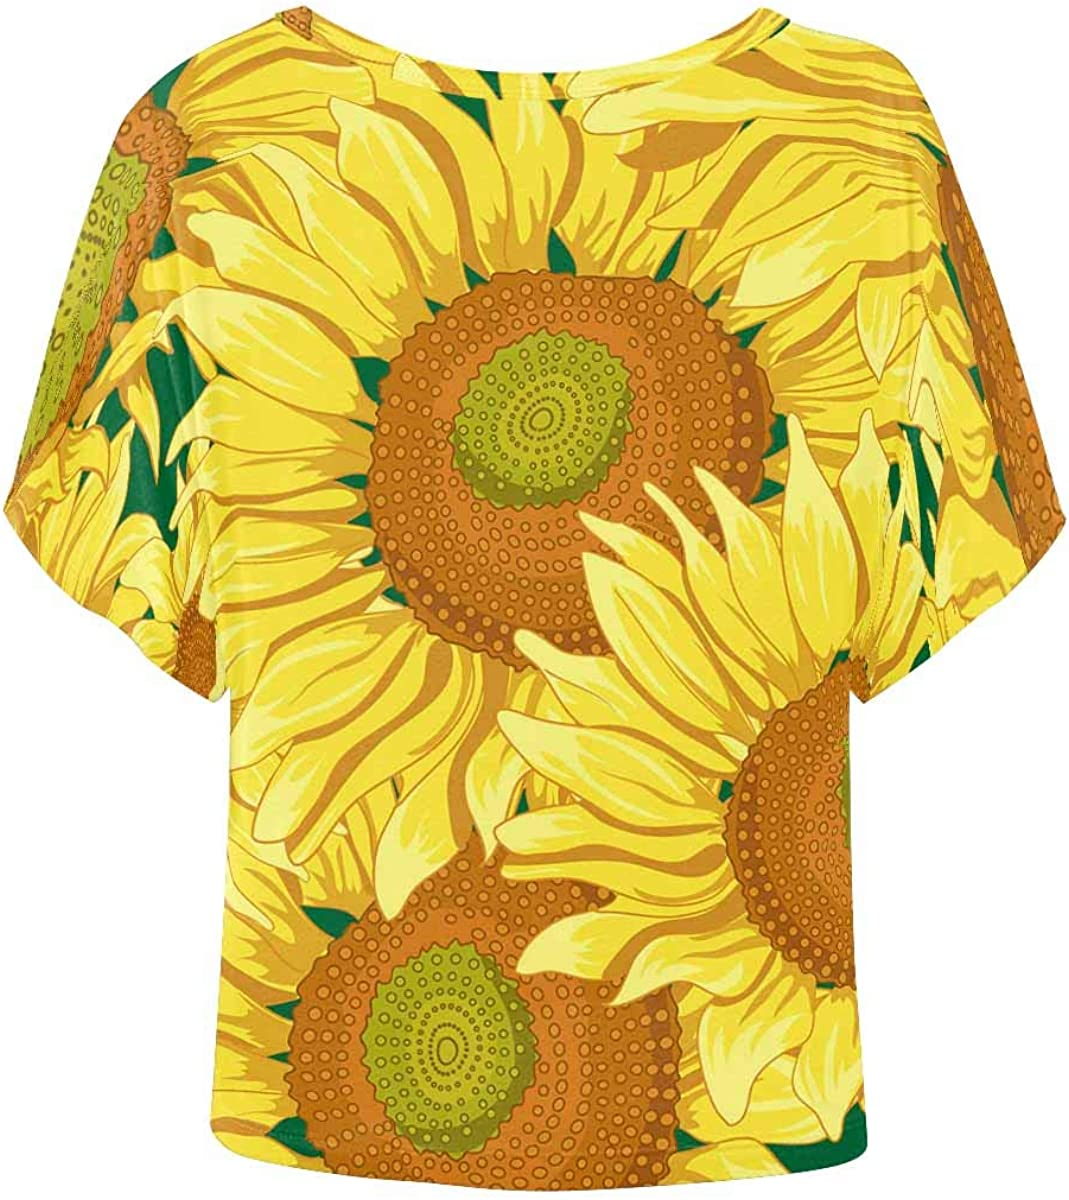 XS-XL INTERESTPRINT Youth T-Shirts Sunflower Pattern